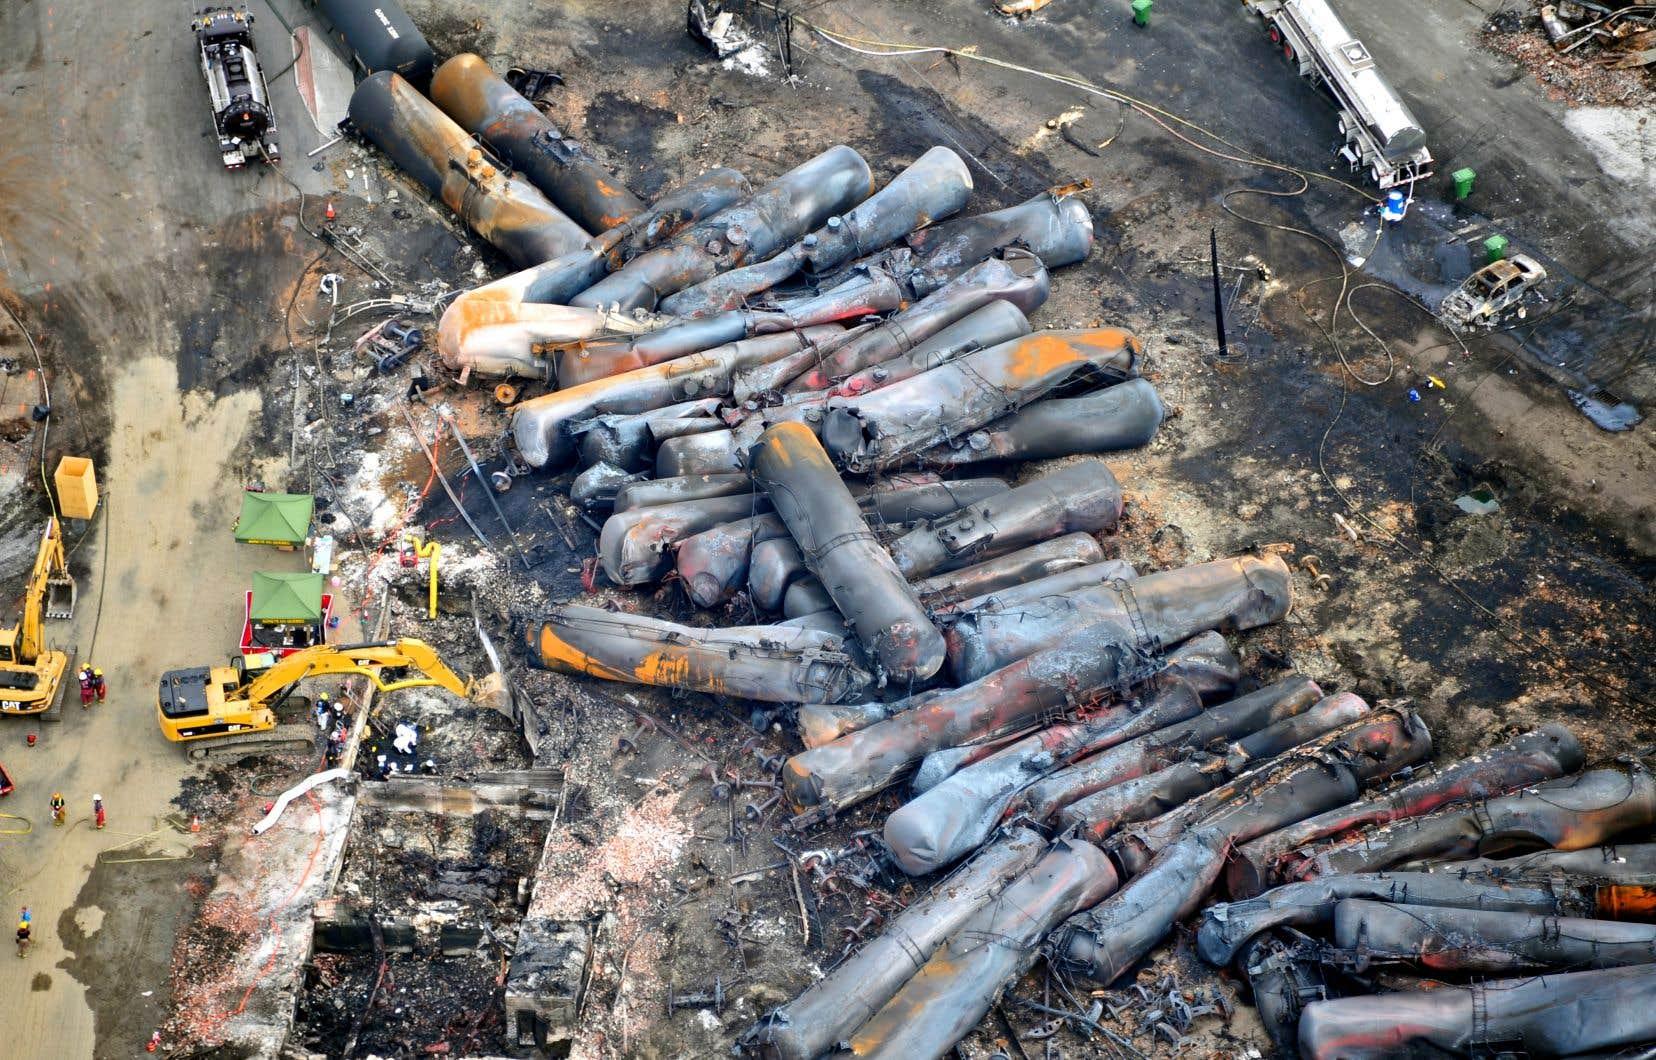 Dans la nuit du 6 juillet 2013, un train rempli de pétrole déraillait et explosait dans le centre-ville de Lac-Mégantic, tuant 47 personnes.